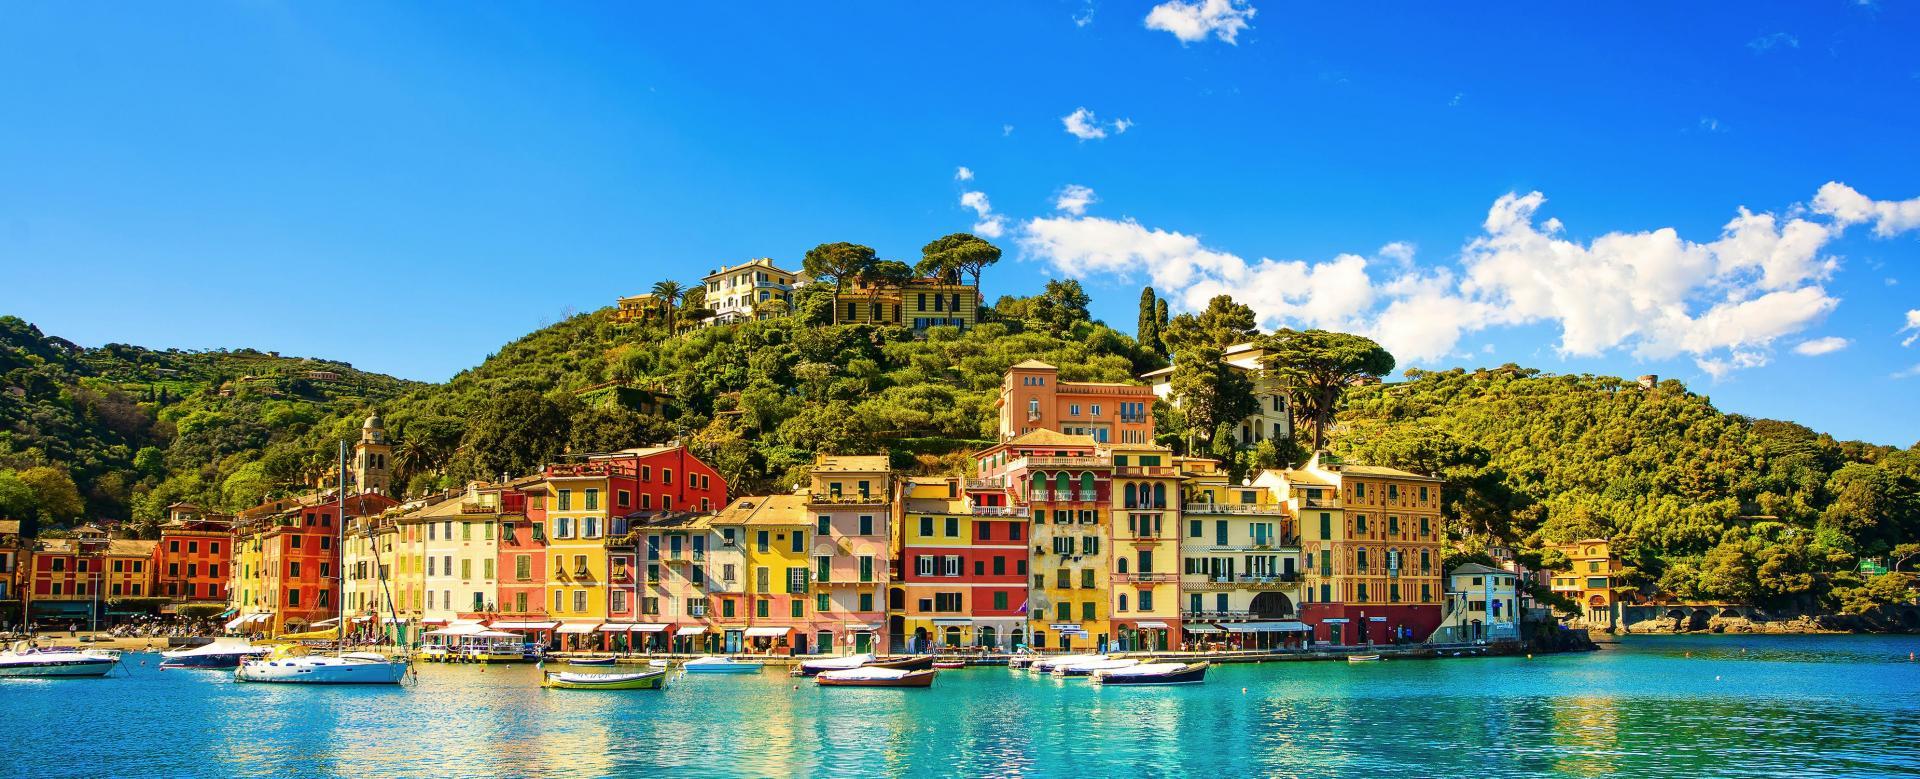 Voyage à pied : Portofino et cinque terre